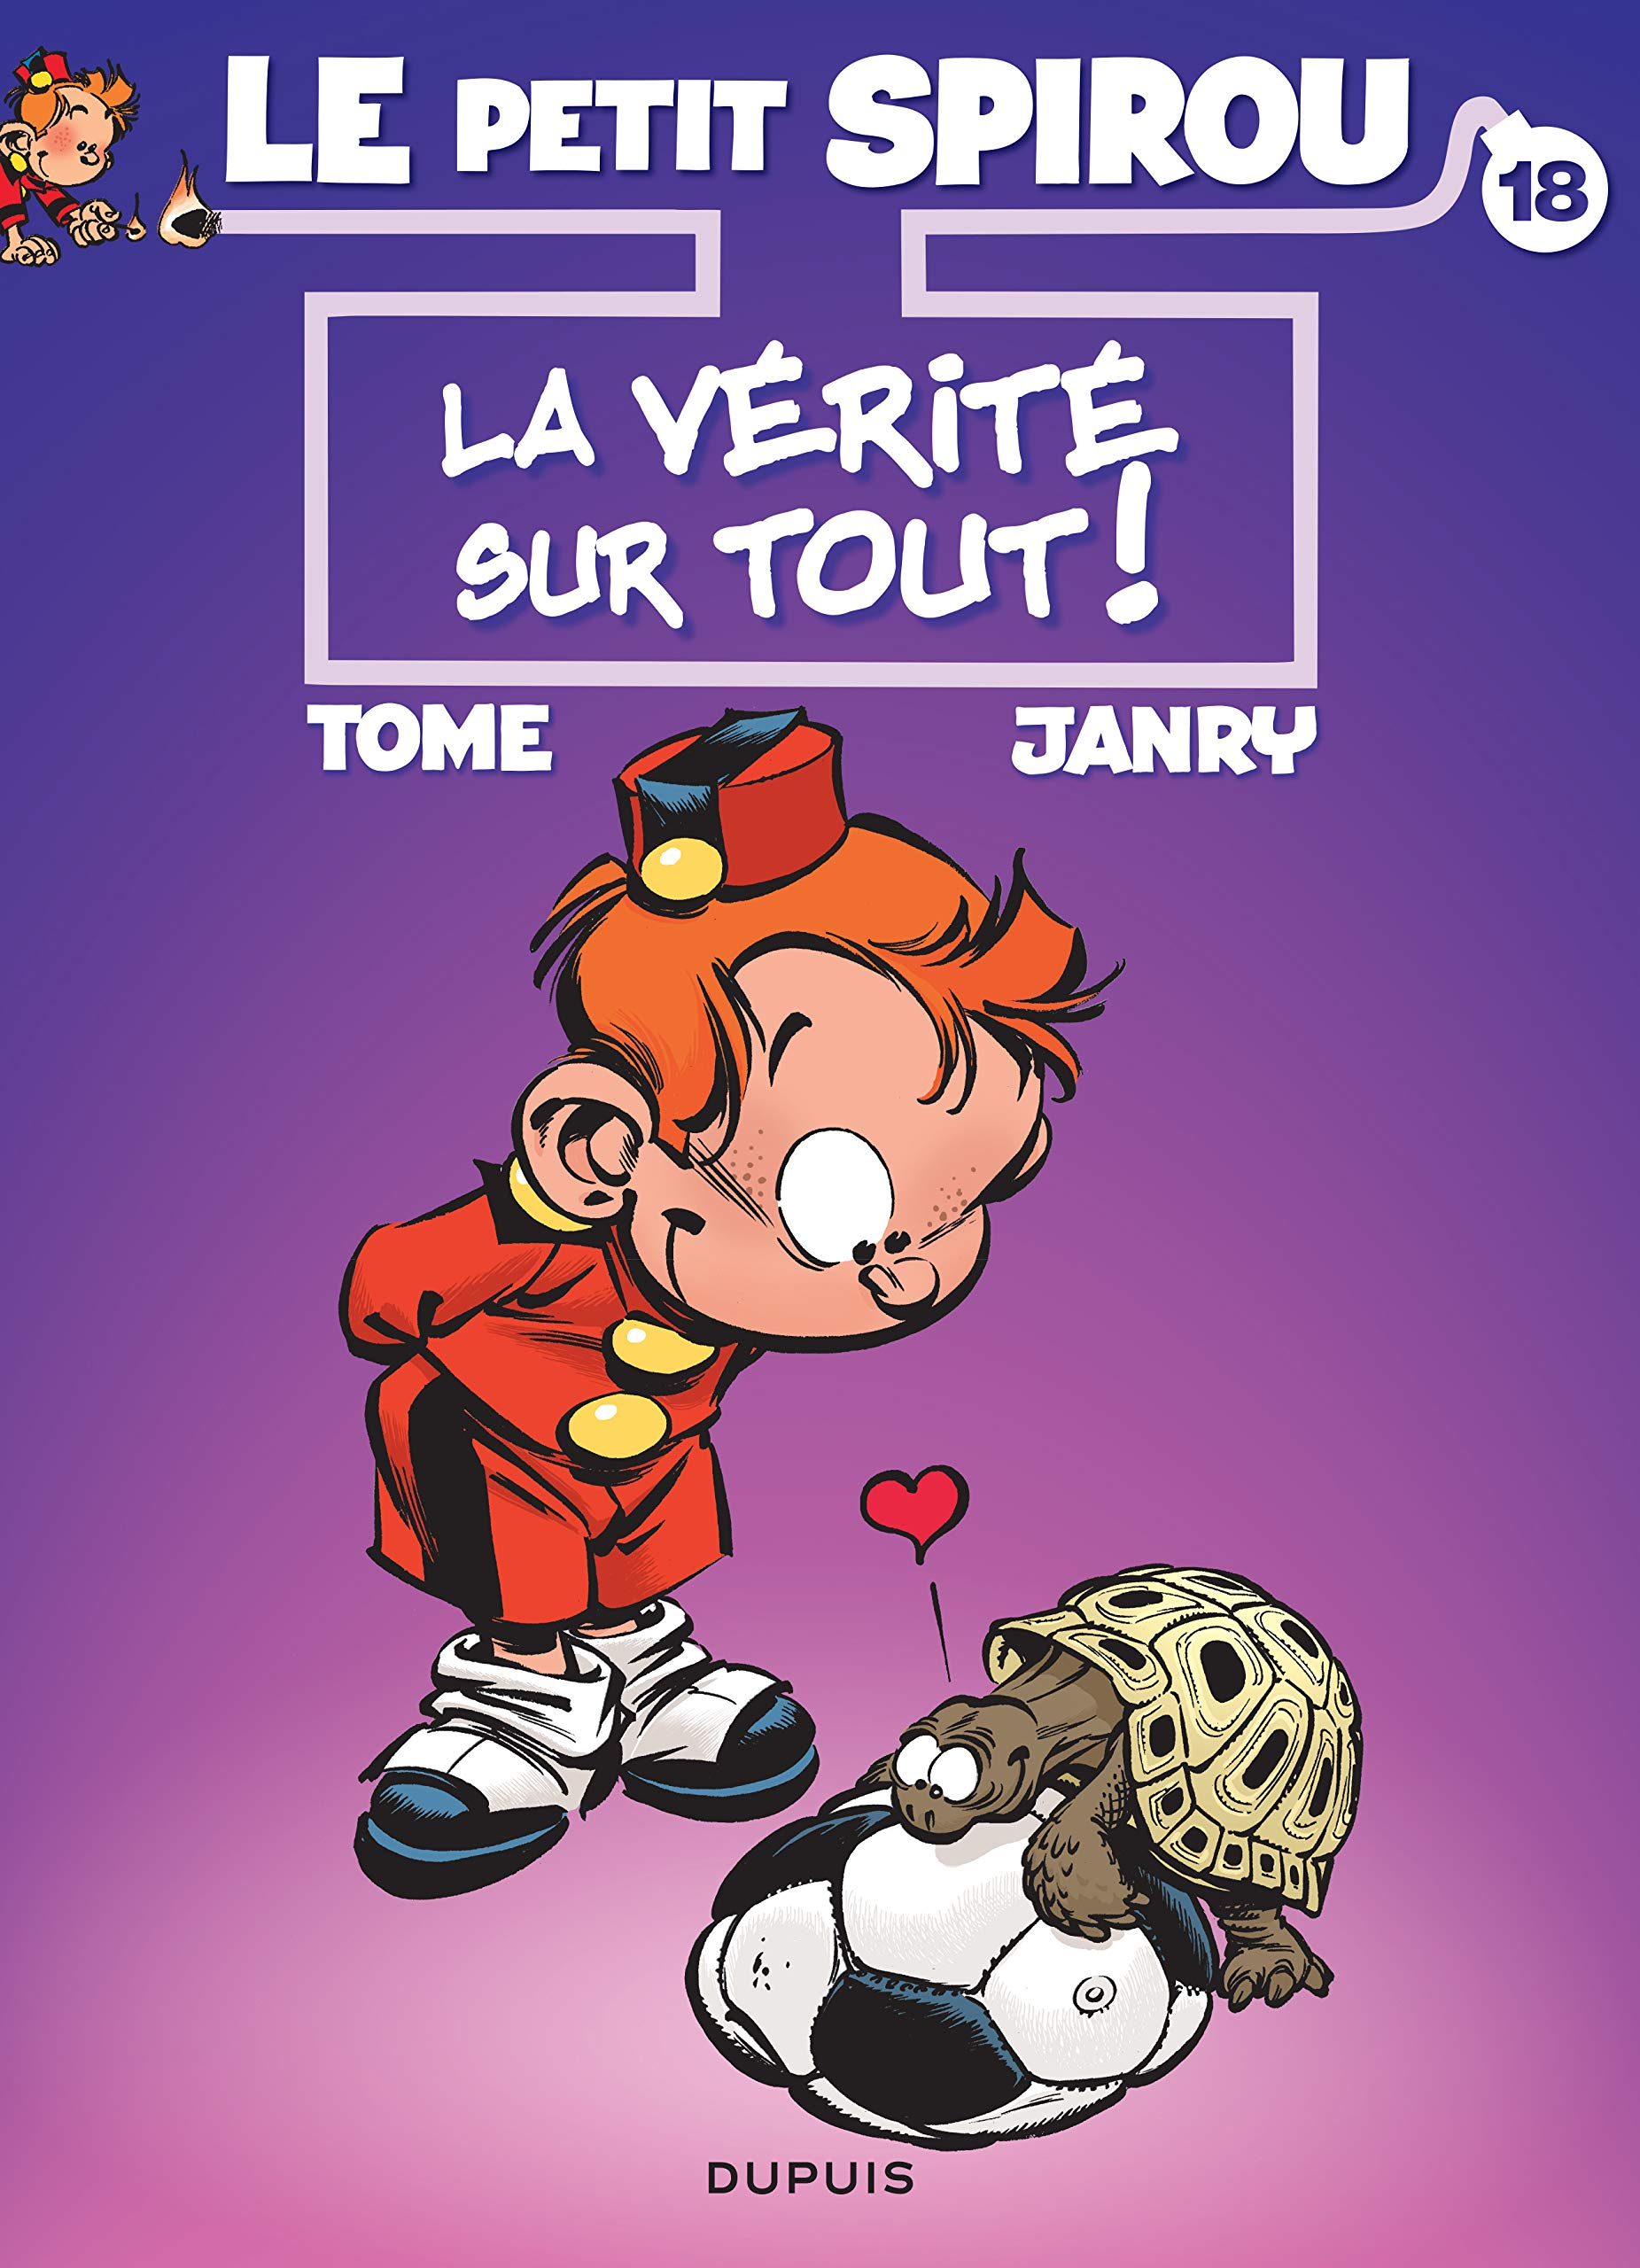 Le petit Spirou 18 - La vérité sur tout !